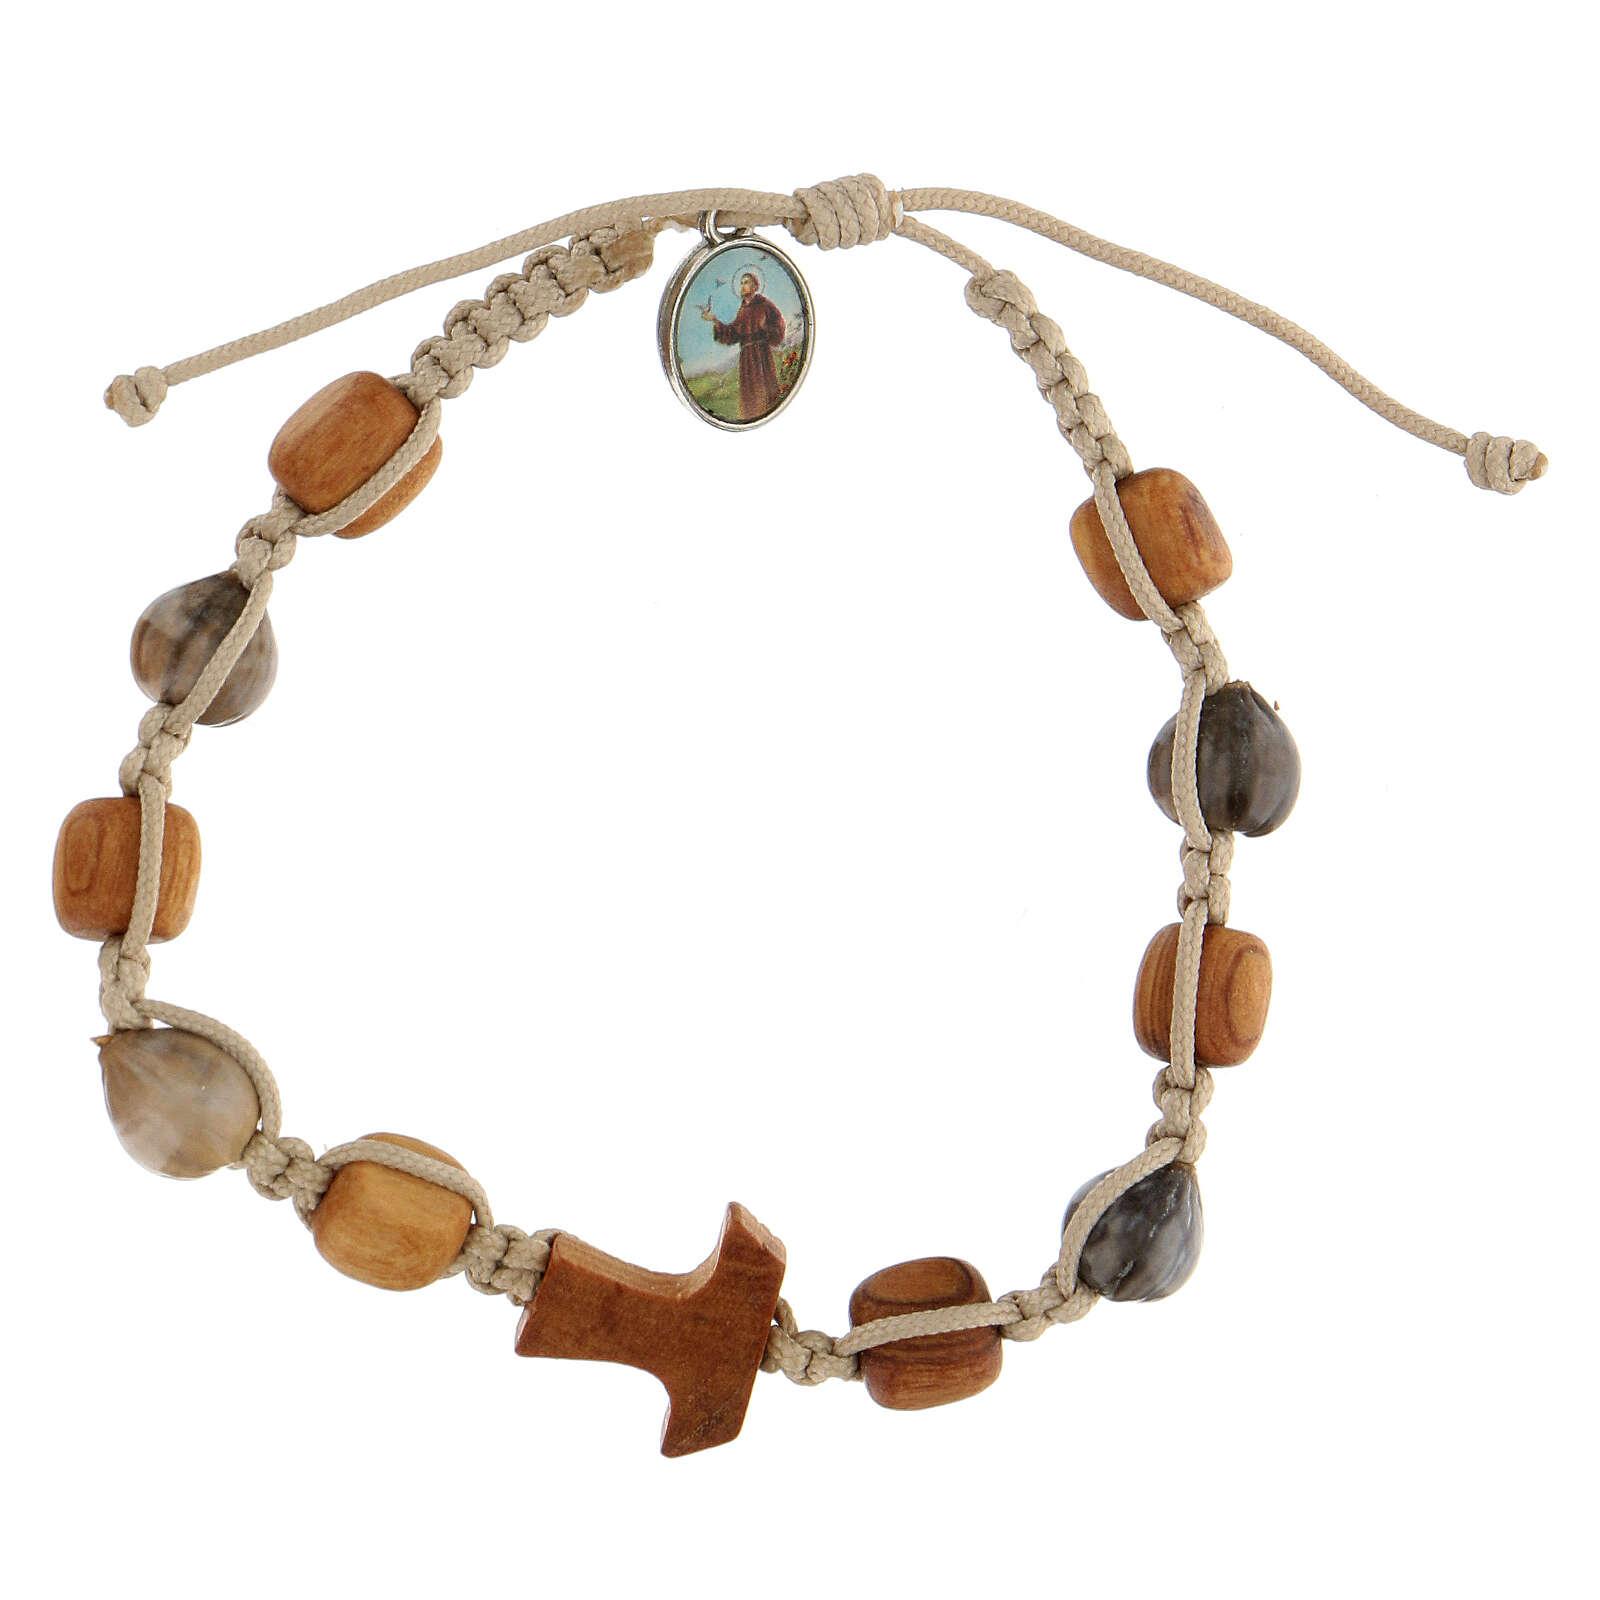 Bracelet grains ronds Medjugorje corde beige 4